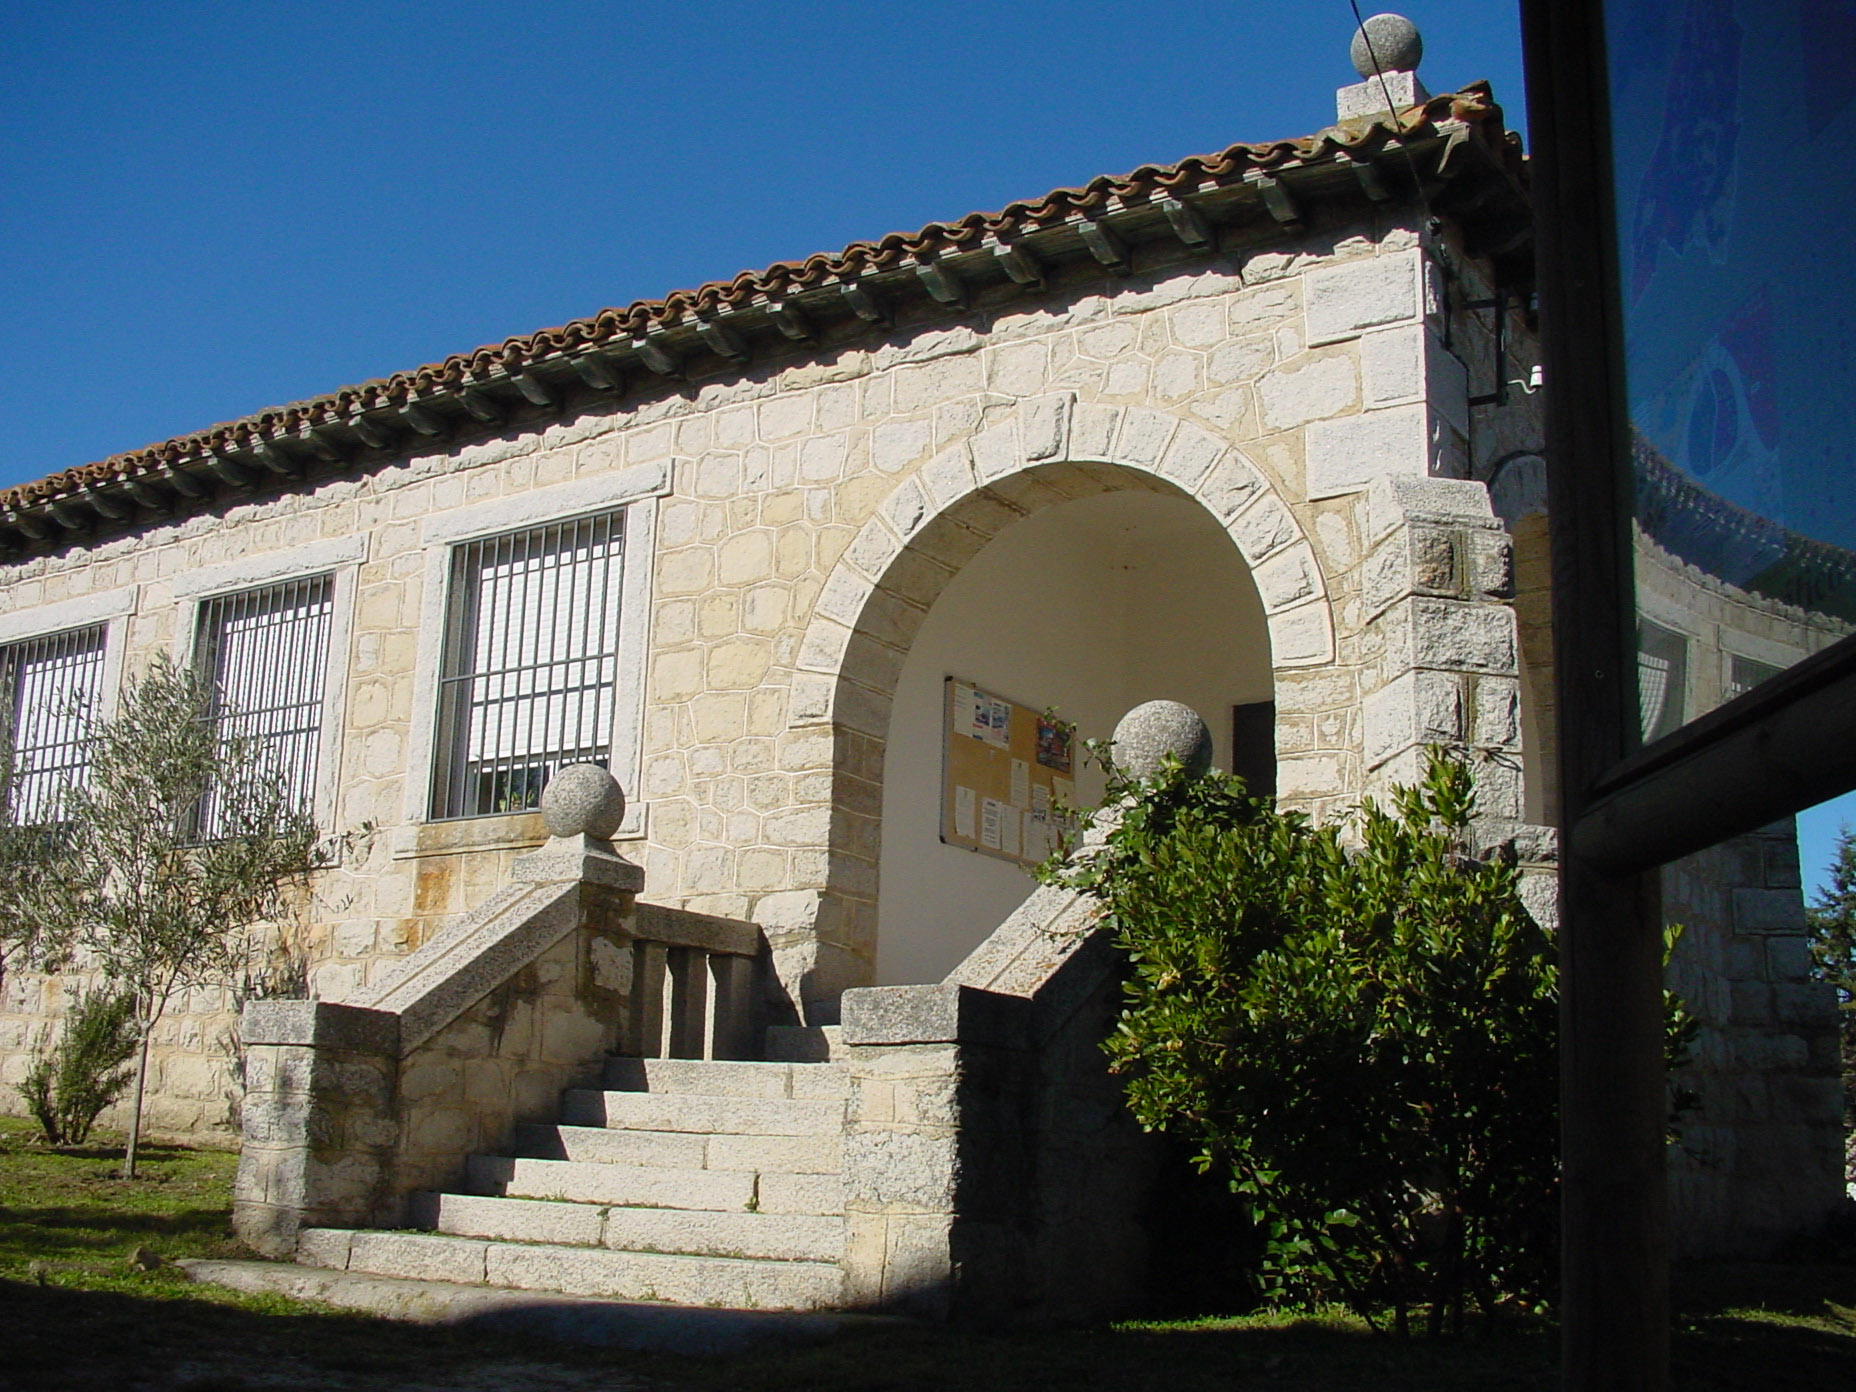 File fachada de piedra con arco y escalera en cabanillas - Casas con fachadas de piedra ...